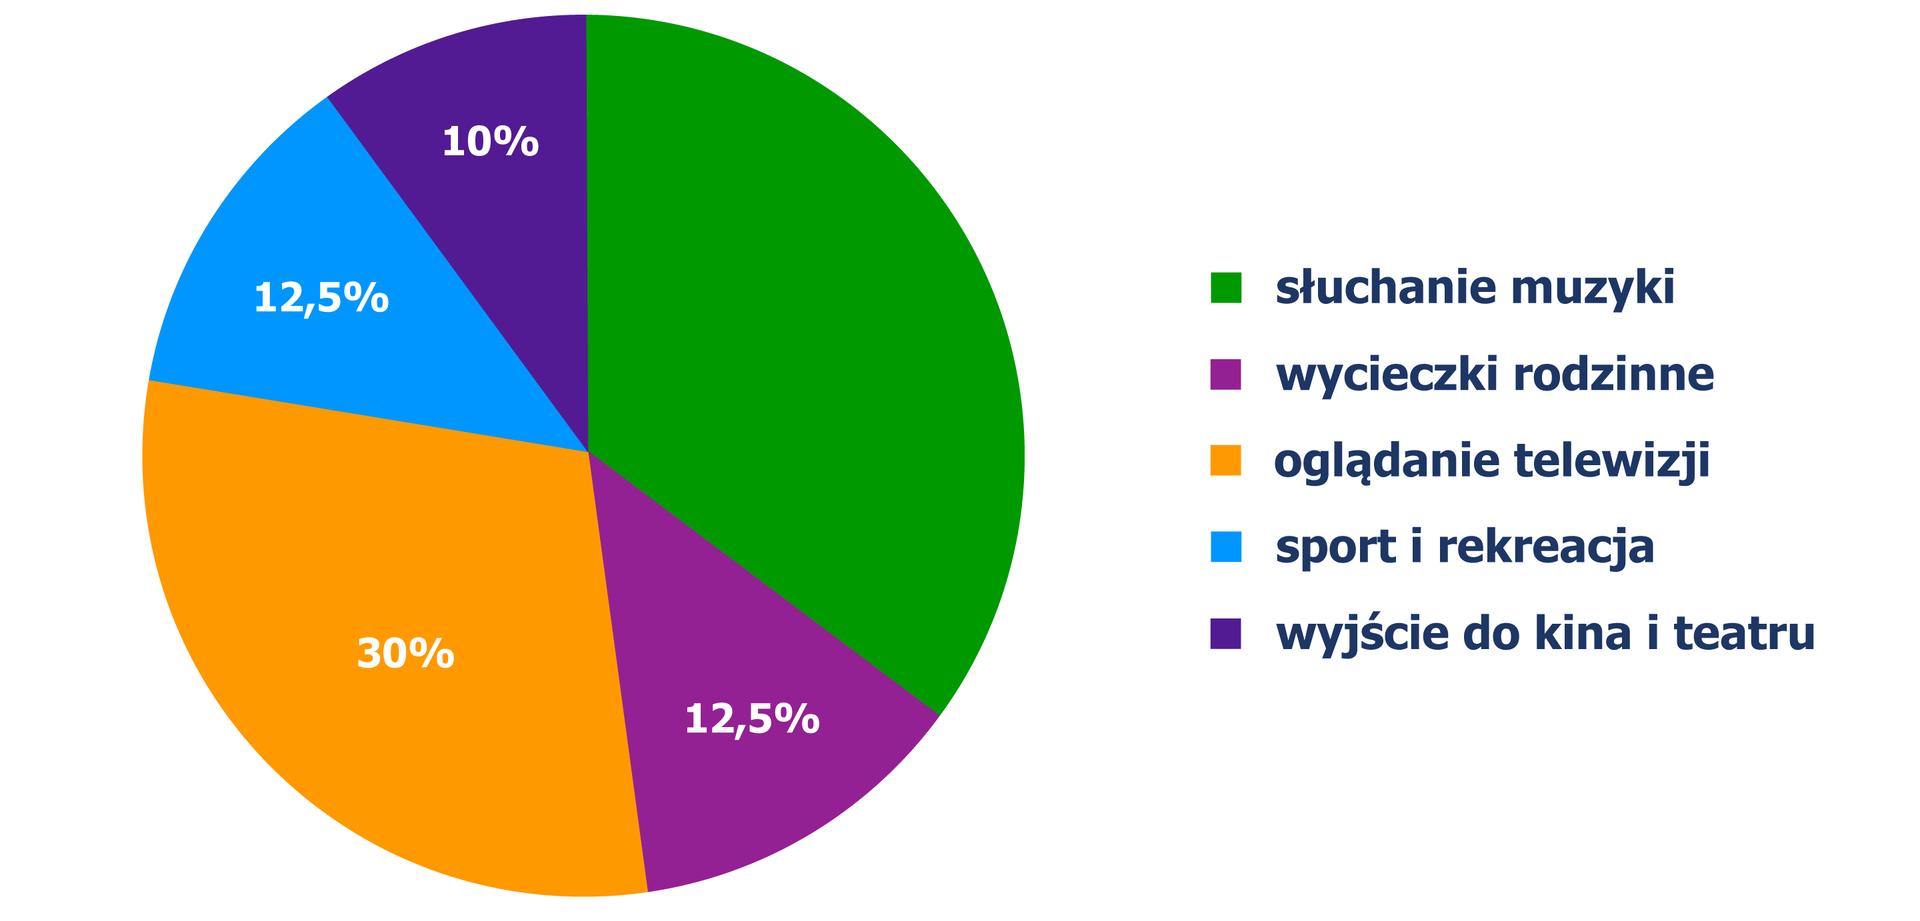 Diagram kołowy, zktórego odczytujemy sposób spędzania czasu przez mieszkańców: wycieczki rodzinne - 12,5%, oglądanie telewizji - 30%, sport irekreacji - 12,5%, wyjścia do kina iteatru - 10%.